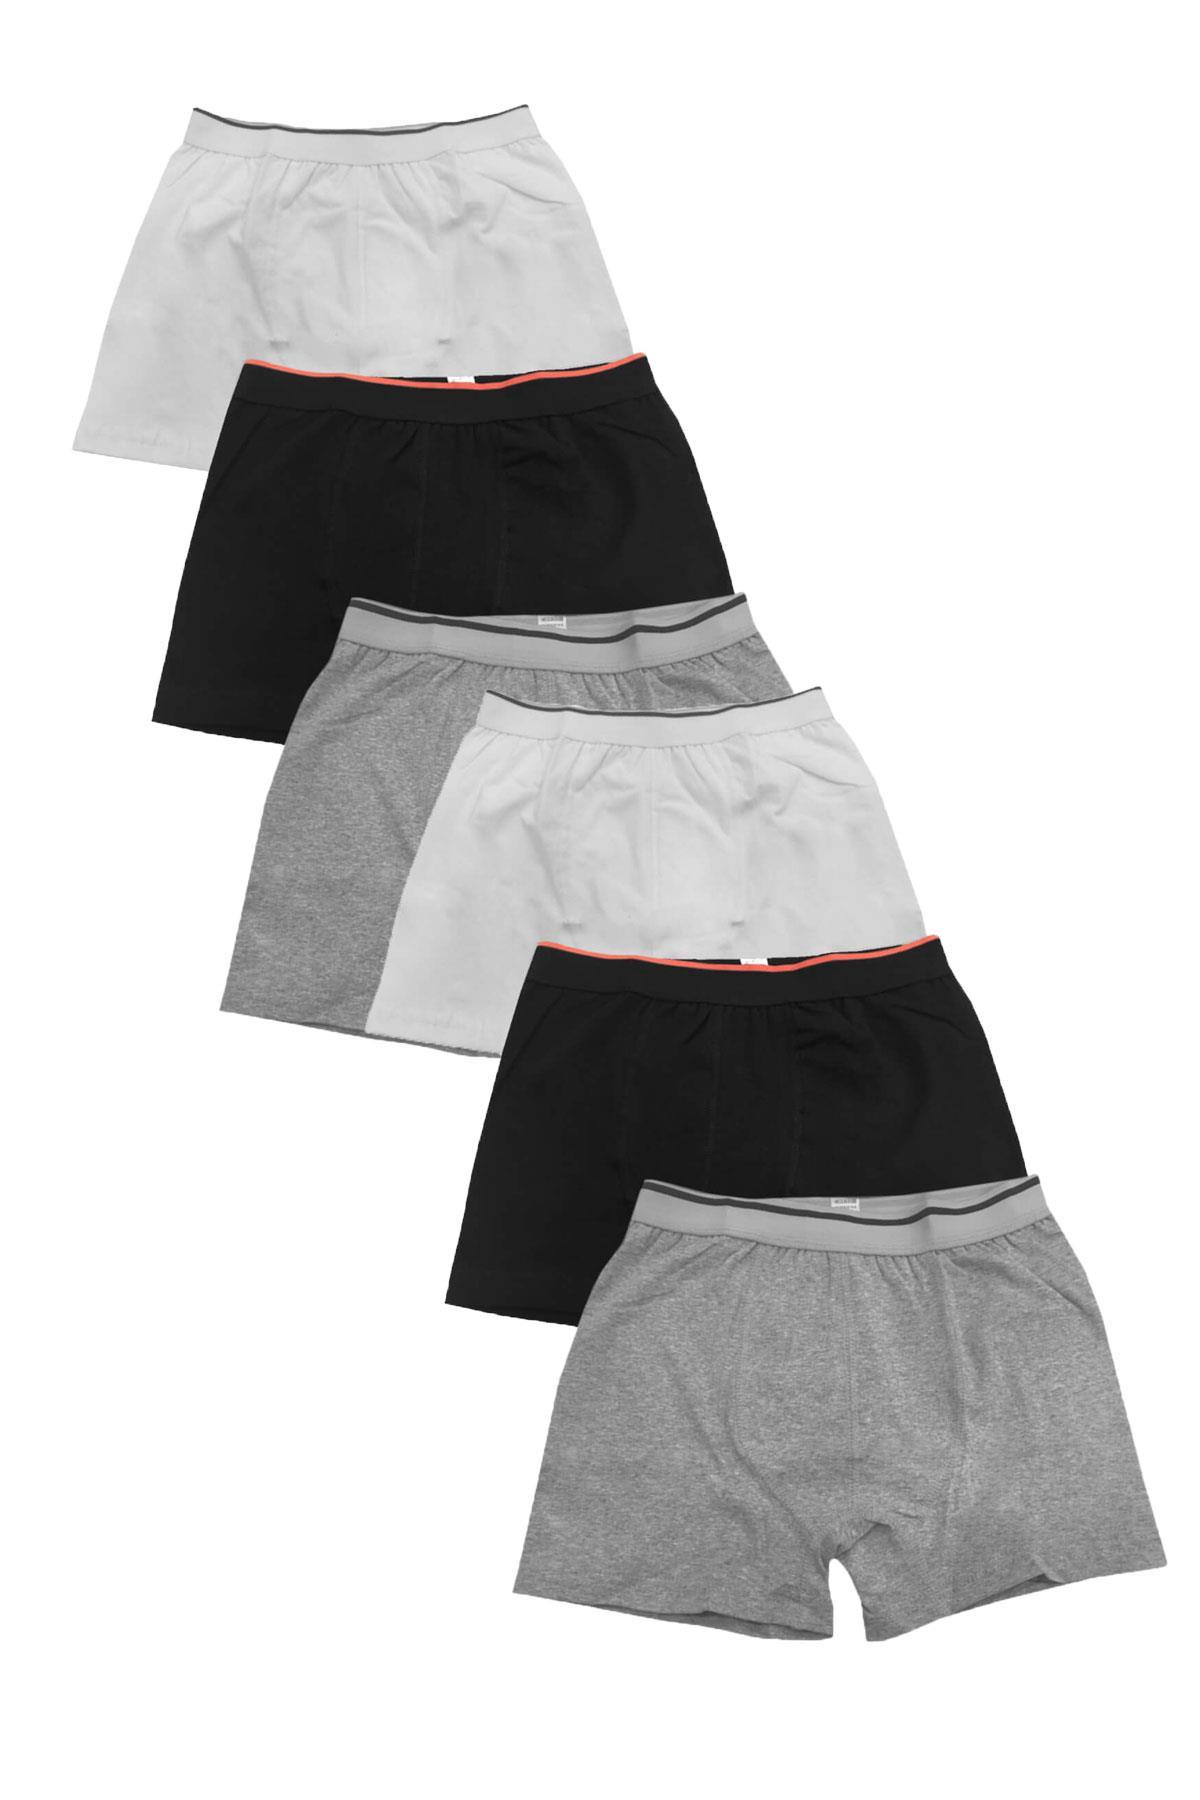 Sedef Yıldızı İç Giyim Erkek Likralı Pamuklu Boxer Don 6 lı Paket